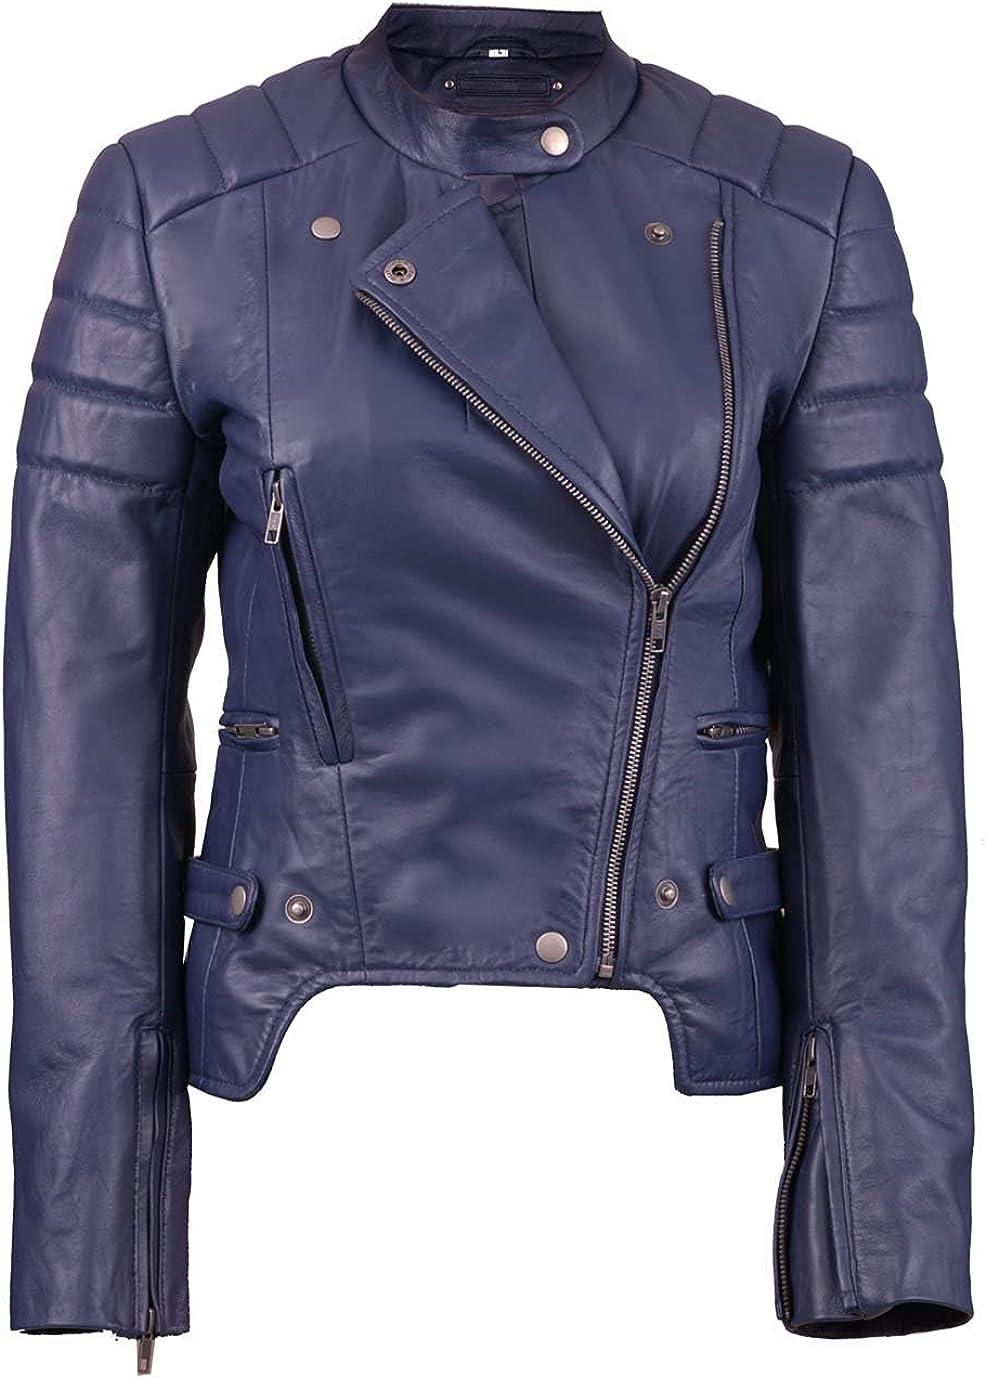 Fashionsta Craze Blue Biker Short Body Faux Leather Jacket for Women - Jacket for Women